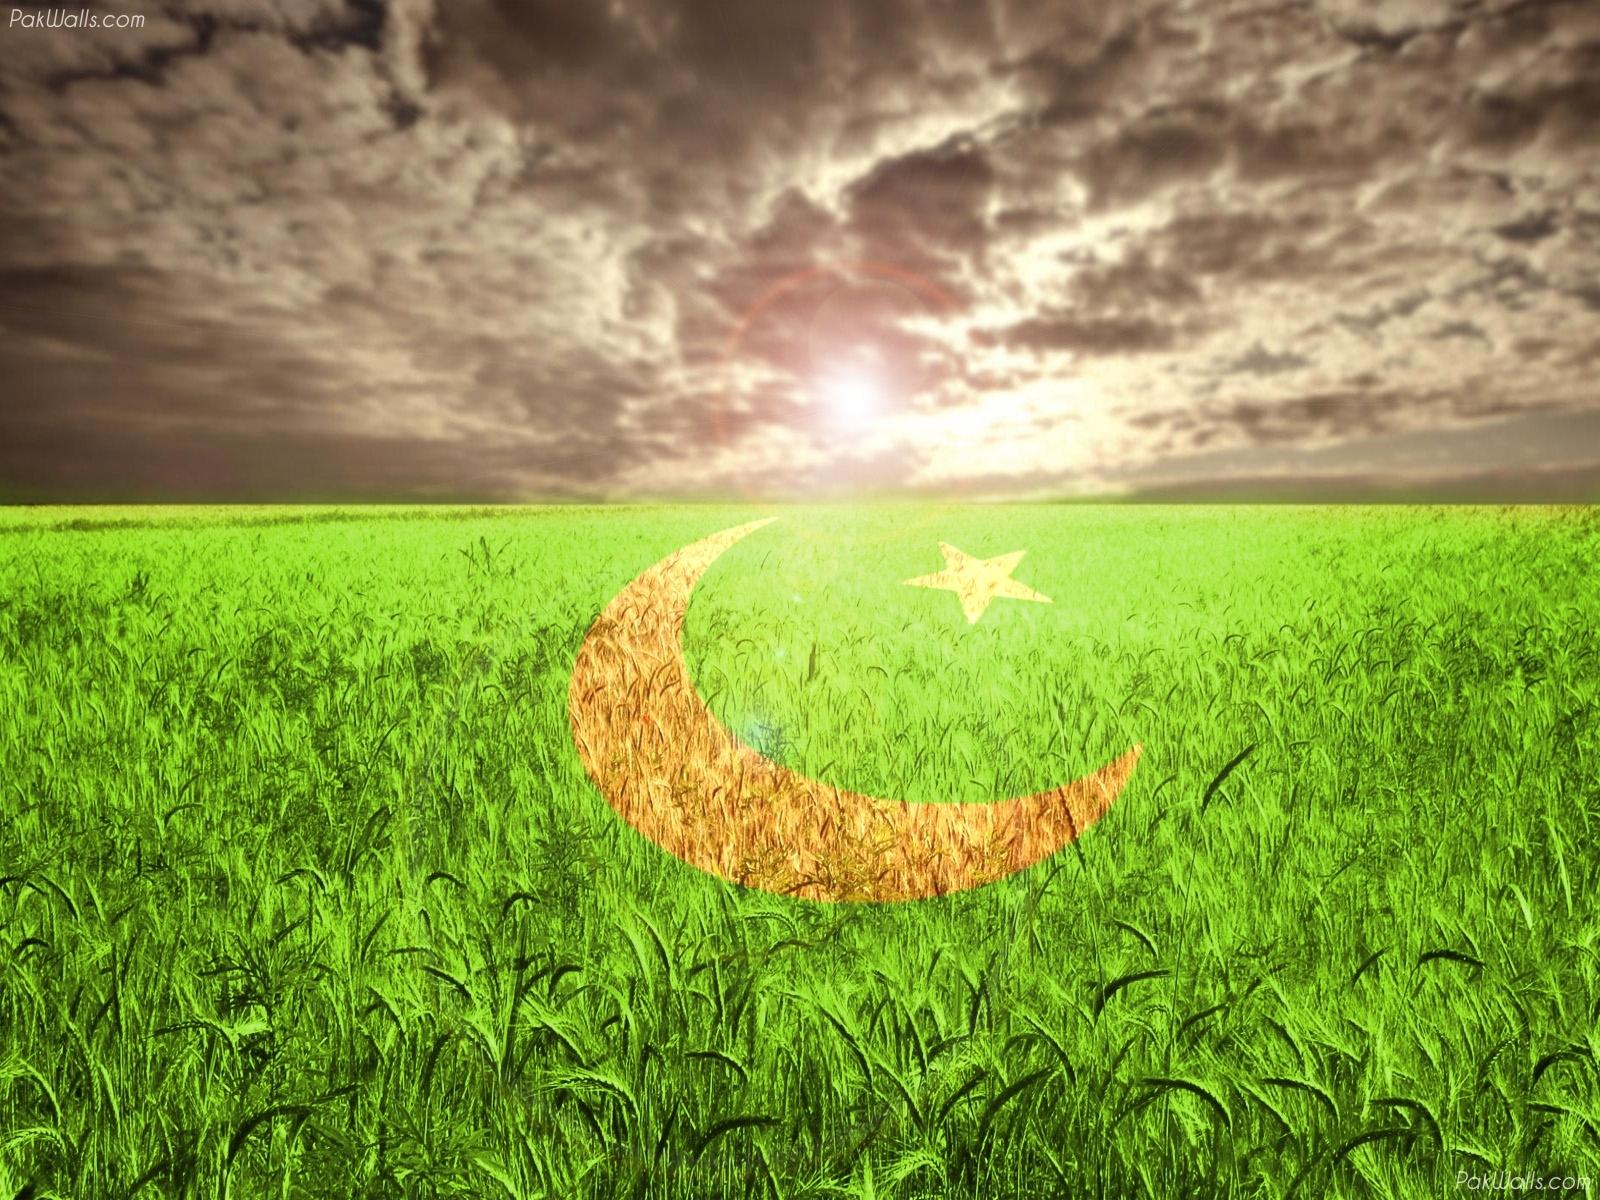 http://4.bp.blogspot.com/-I9tX4g5RJq4/UCRoYn-VKmI/AAAAAAAAERw/GKNa3e1FqNg/s1600/Pakistani-flags-wallpapers+%285%29.jpg